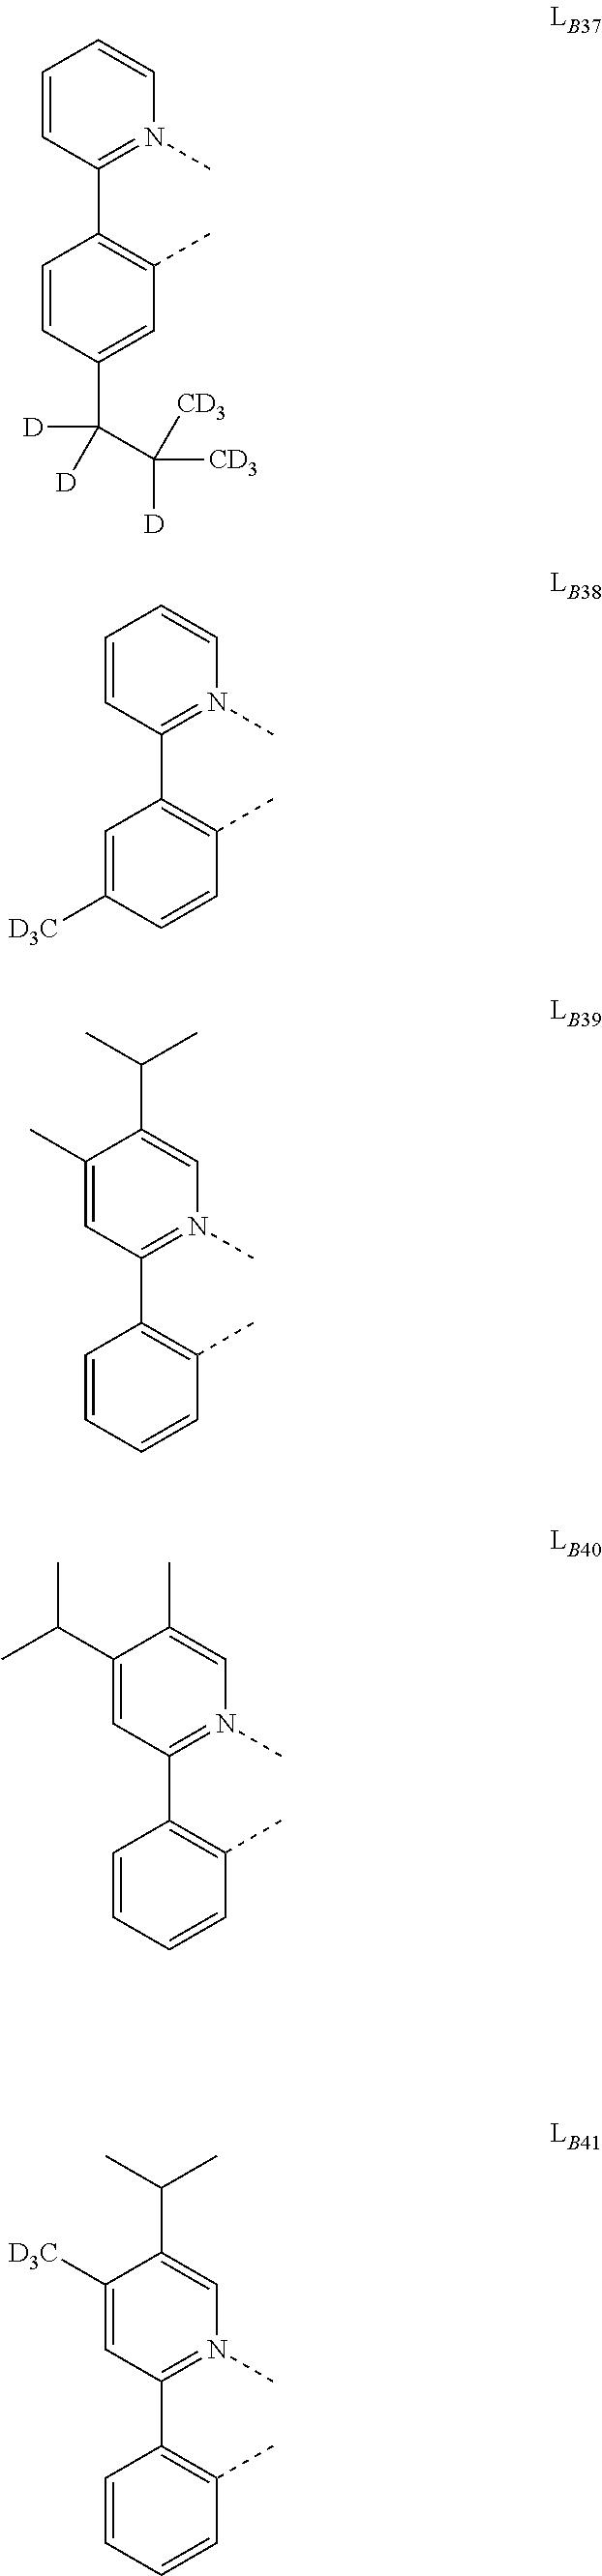 Figure US09929360-20180327-C00044